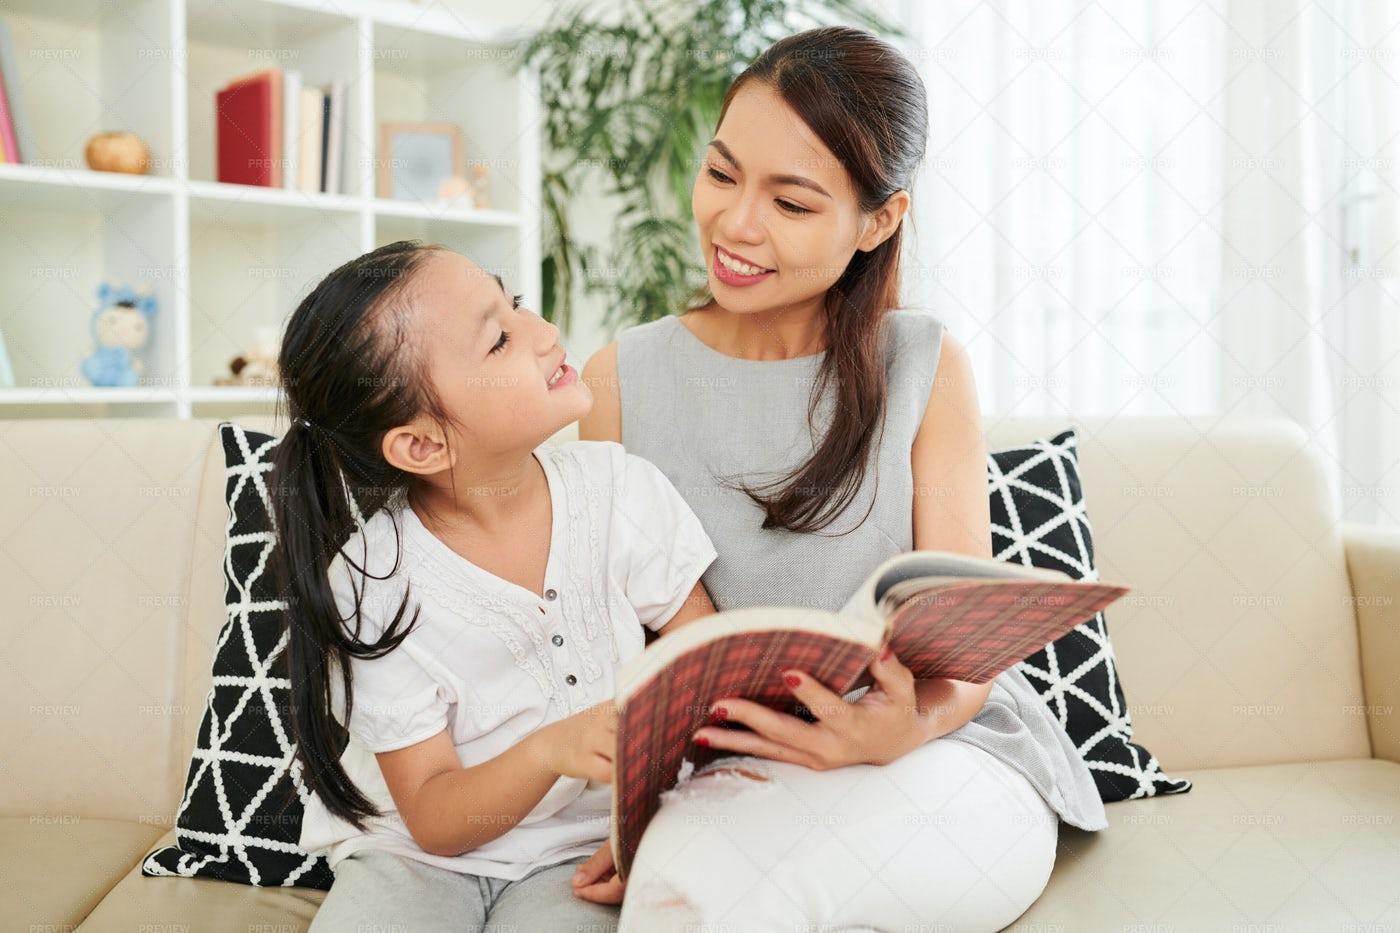 Family Reading A Book At Home: Stock Photos